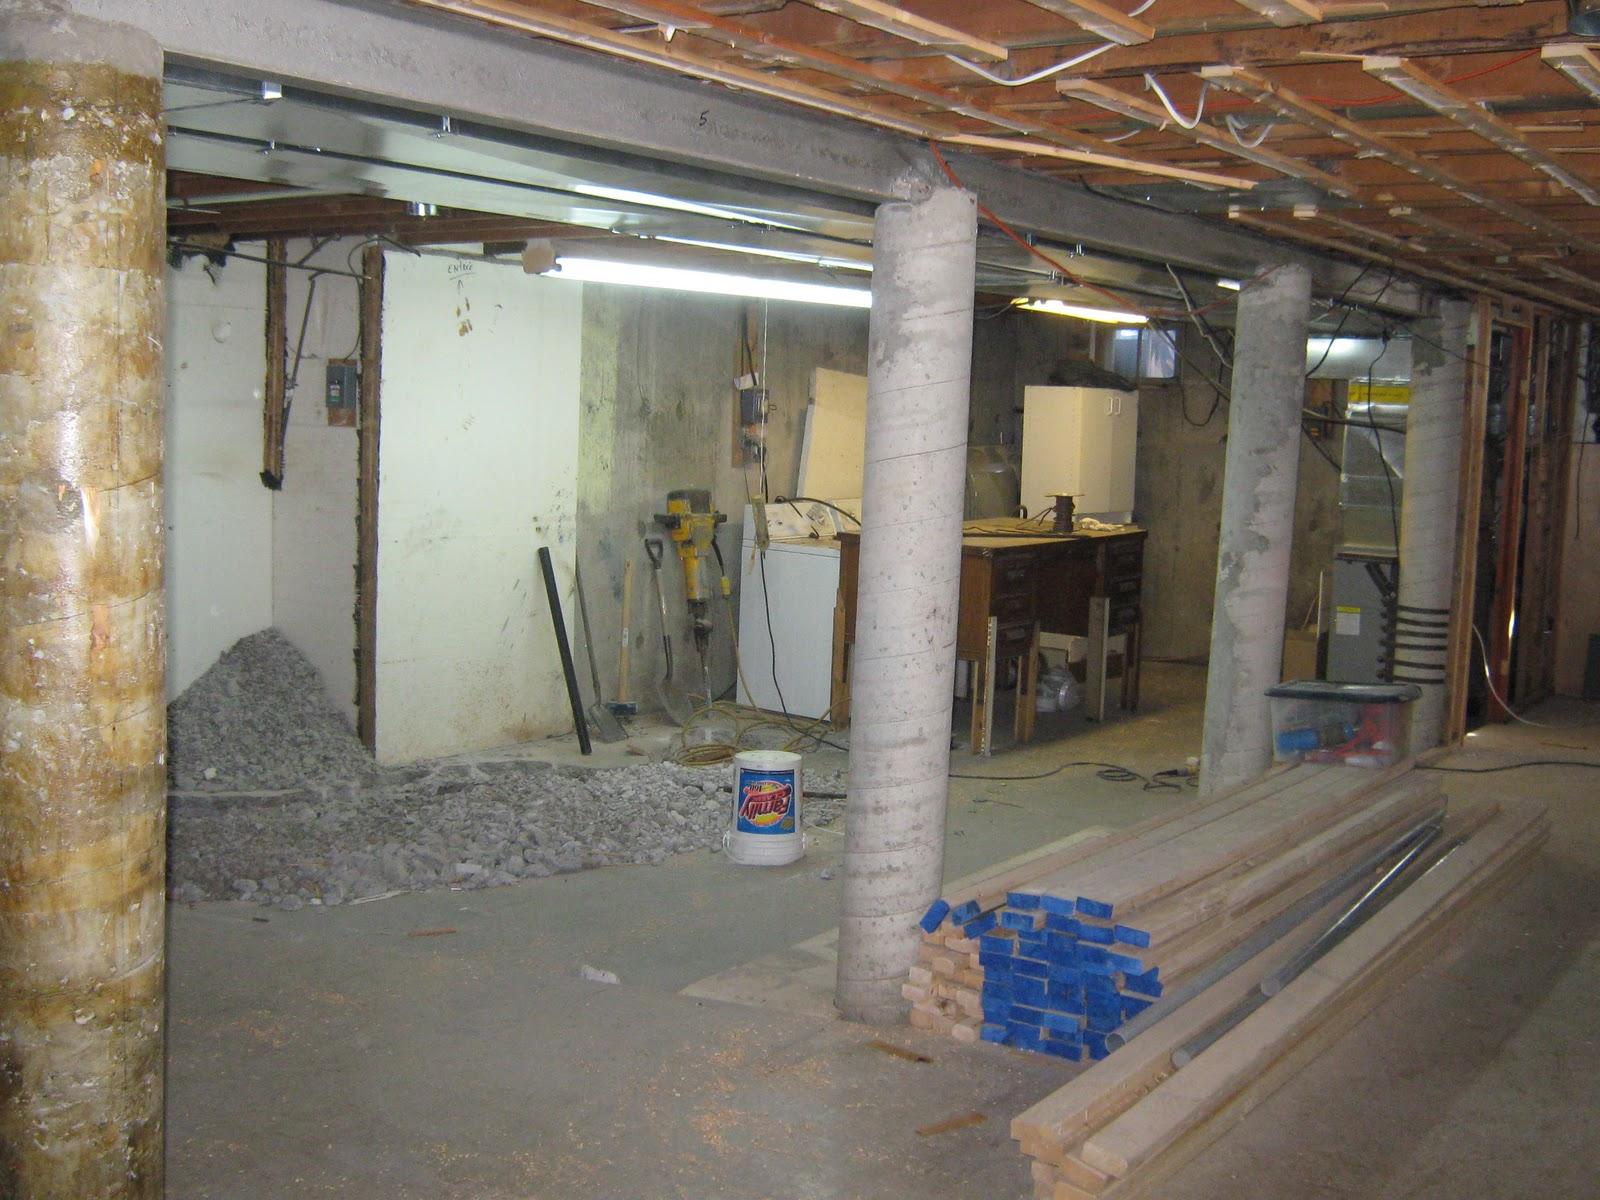 R novations de carosou dimanche mars 27 2011 for Plomberie salle de bain au sous sol